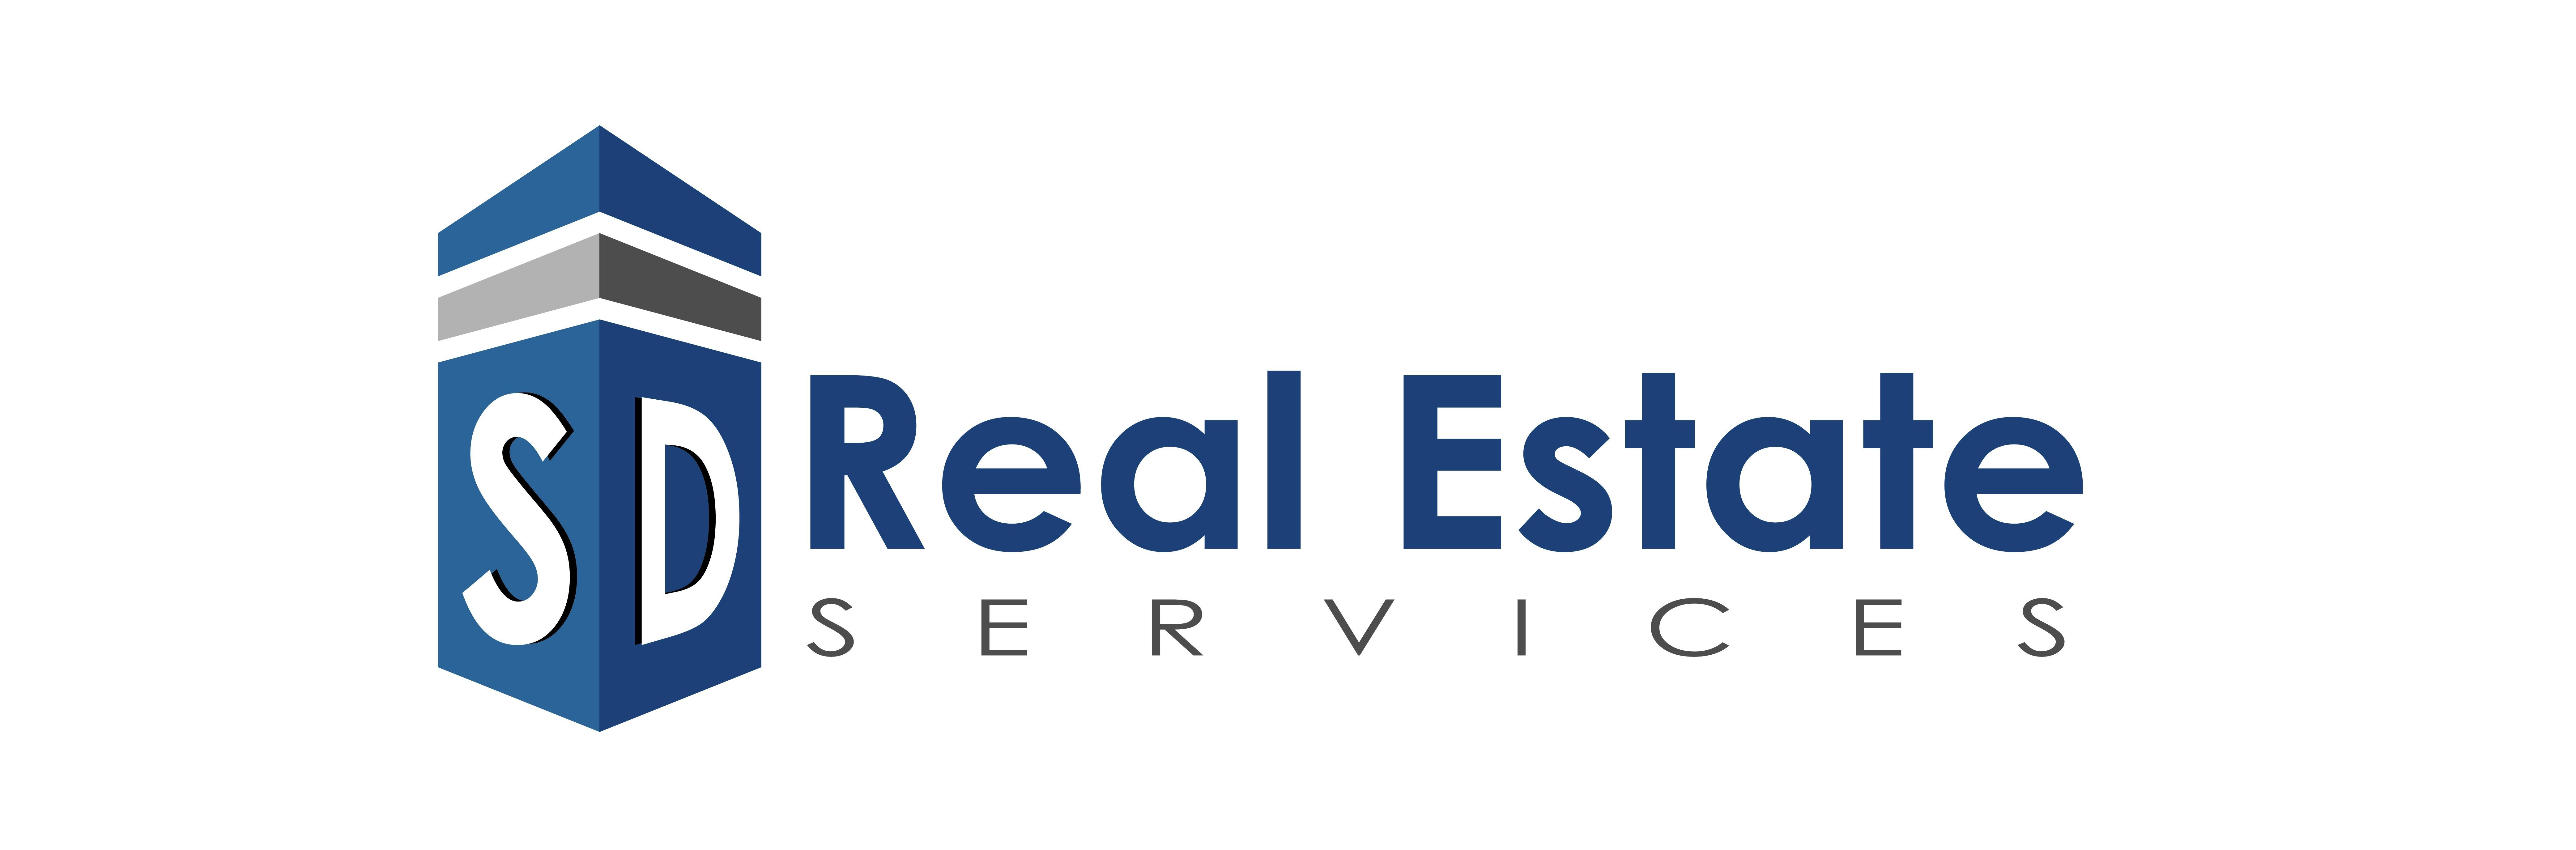 SD Real Estate Service